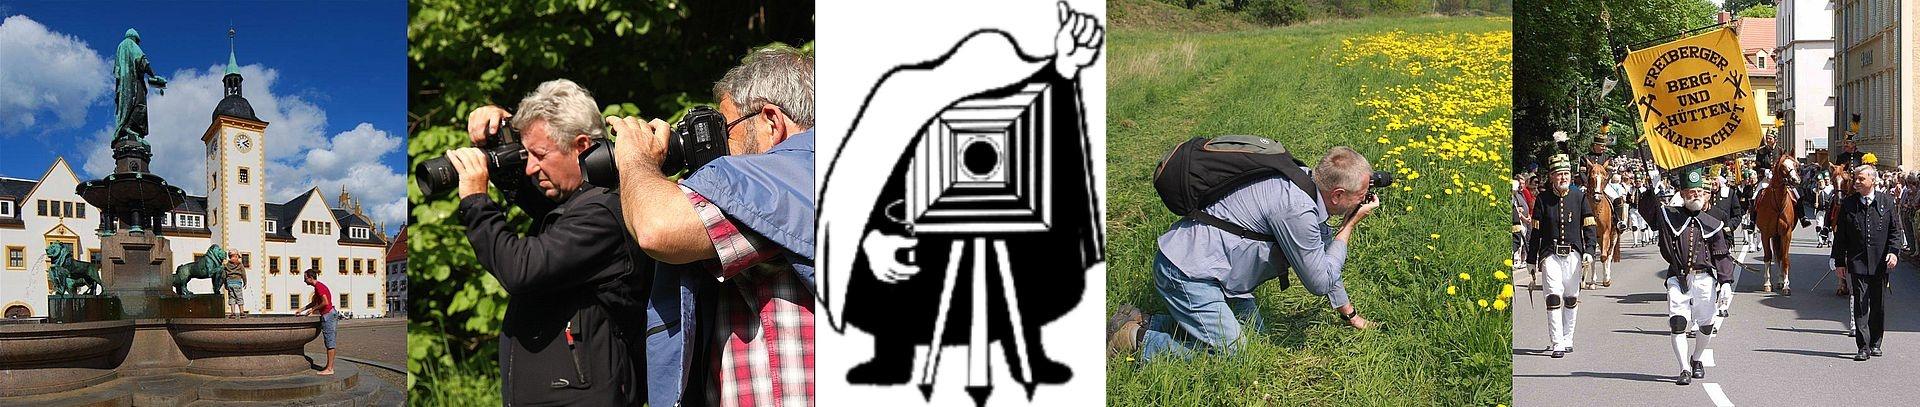 71 Jahre Freiberger Fotofreunde